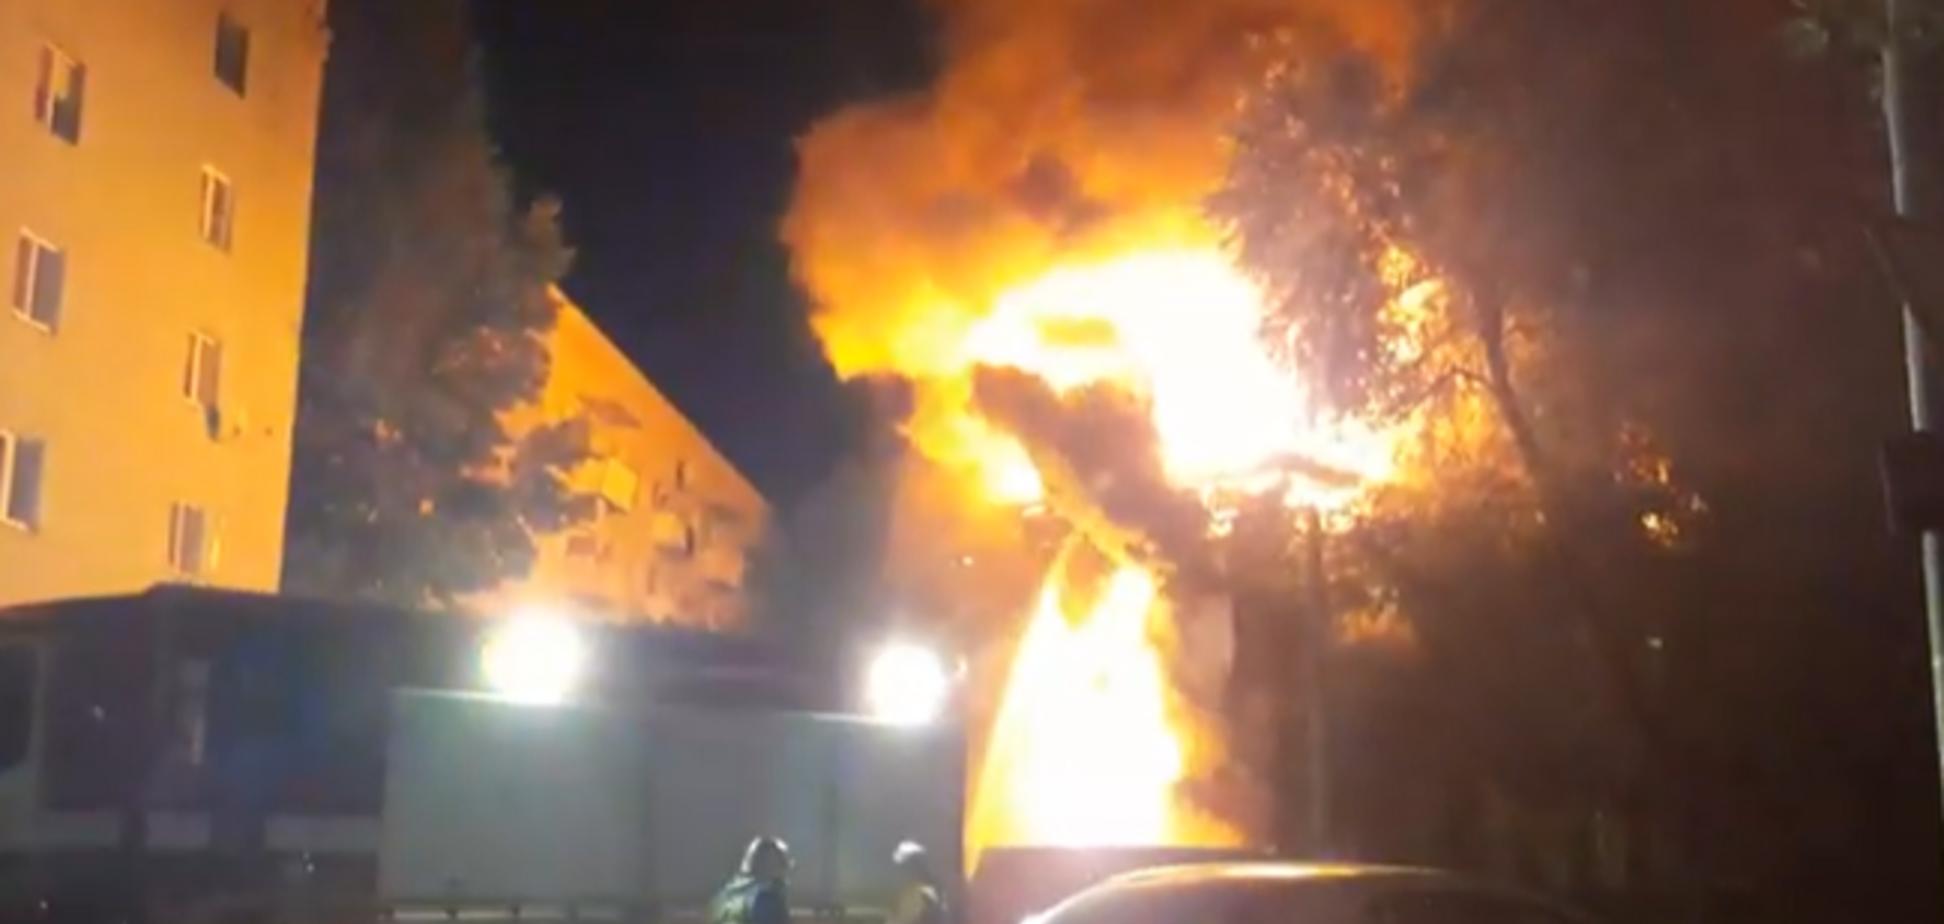 В России в жилом доме заживо сгорели люди: фото и видео с места ЧП